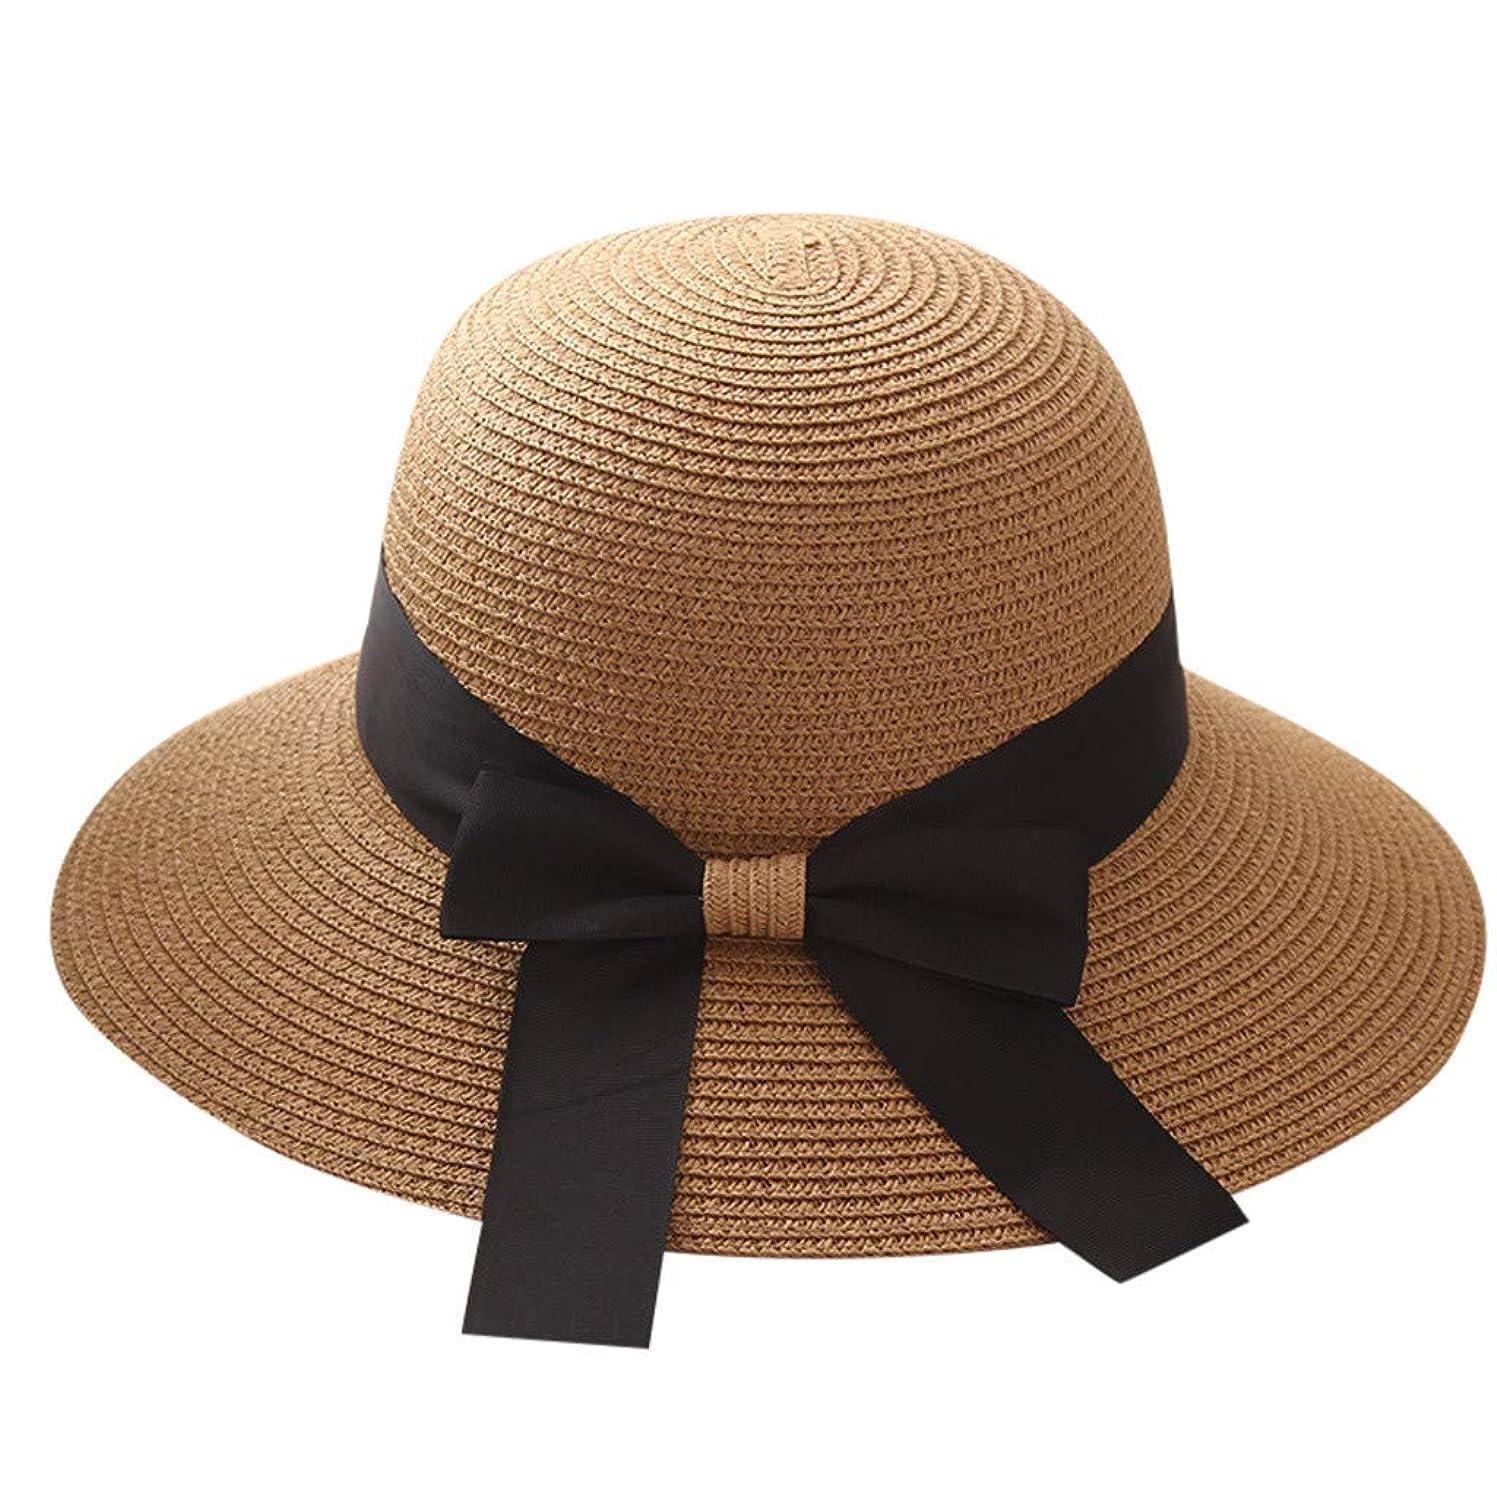 誠実さスピリチュアル見る人帽子 レディース UVカット 漁師帽 99%uvカット 日よけ 日焼け防止 熱中症予防 折りたたみ つば広 紫外線対策 麦わら帽子 uv帽 小顔効果 おしゃれ 可愛い 女優帽 高級感 軽量 通気 旅行用 大きいサイズ ROSE ROMAN